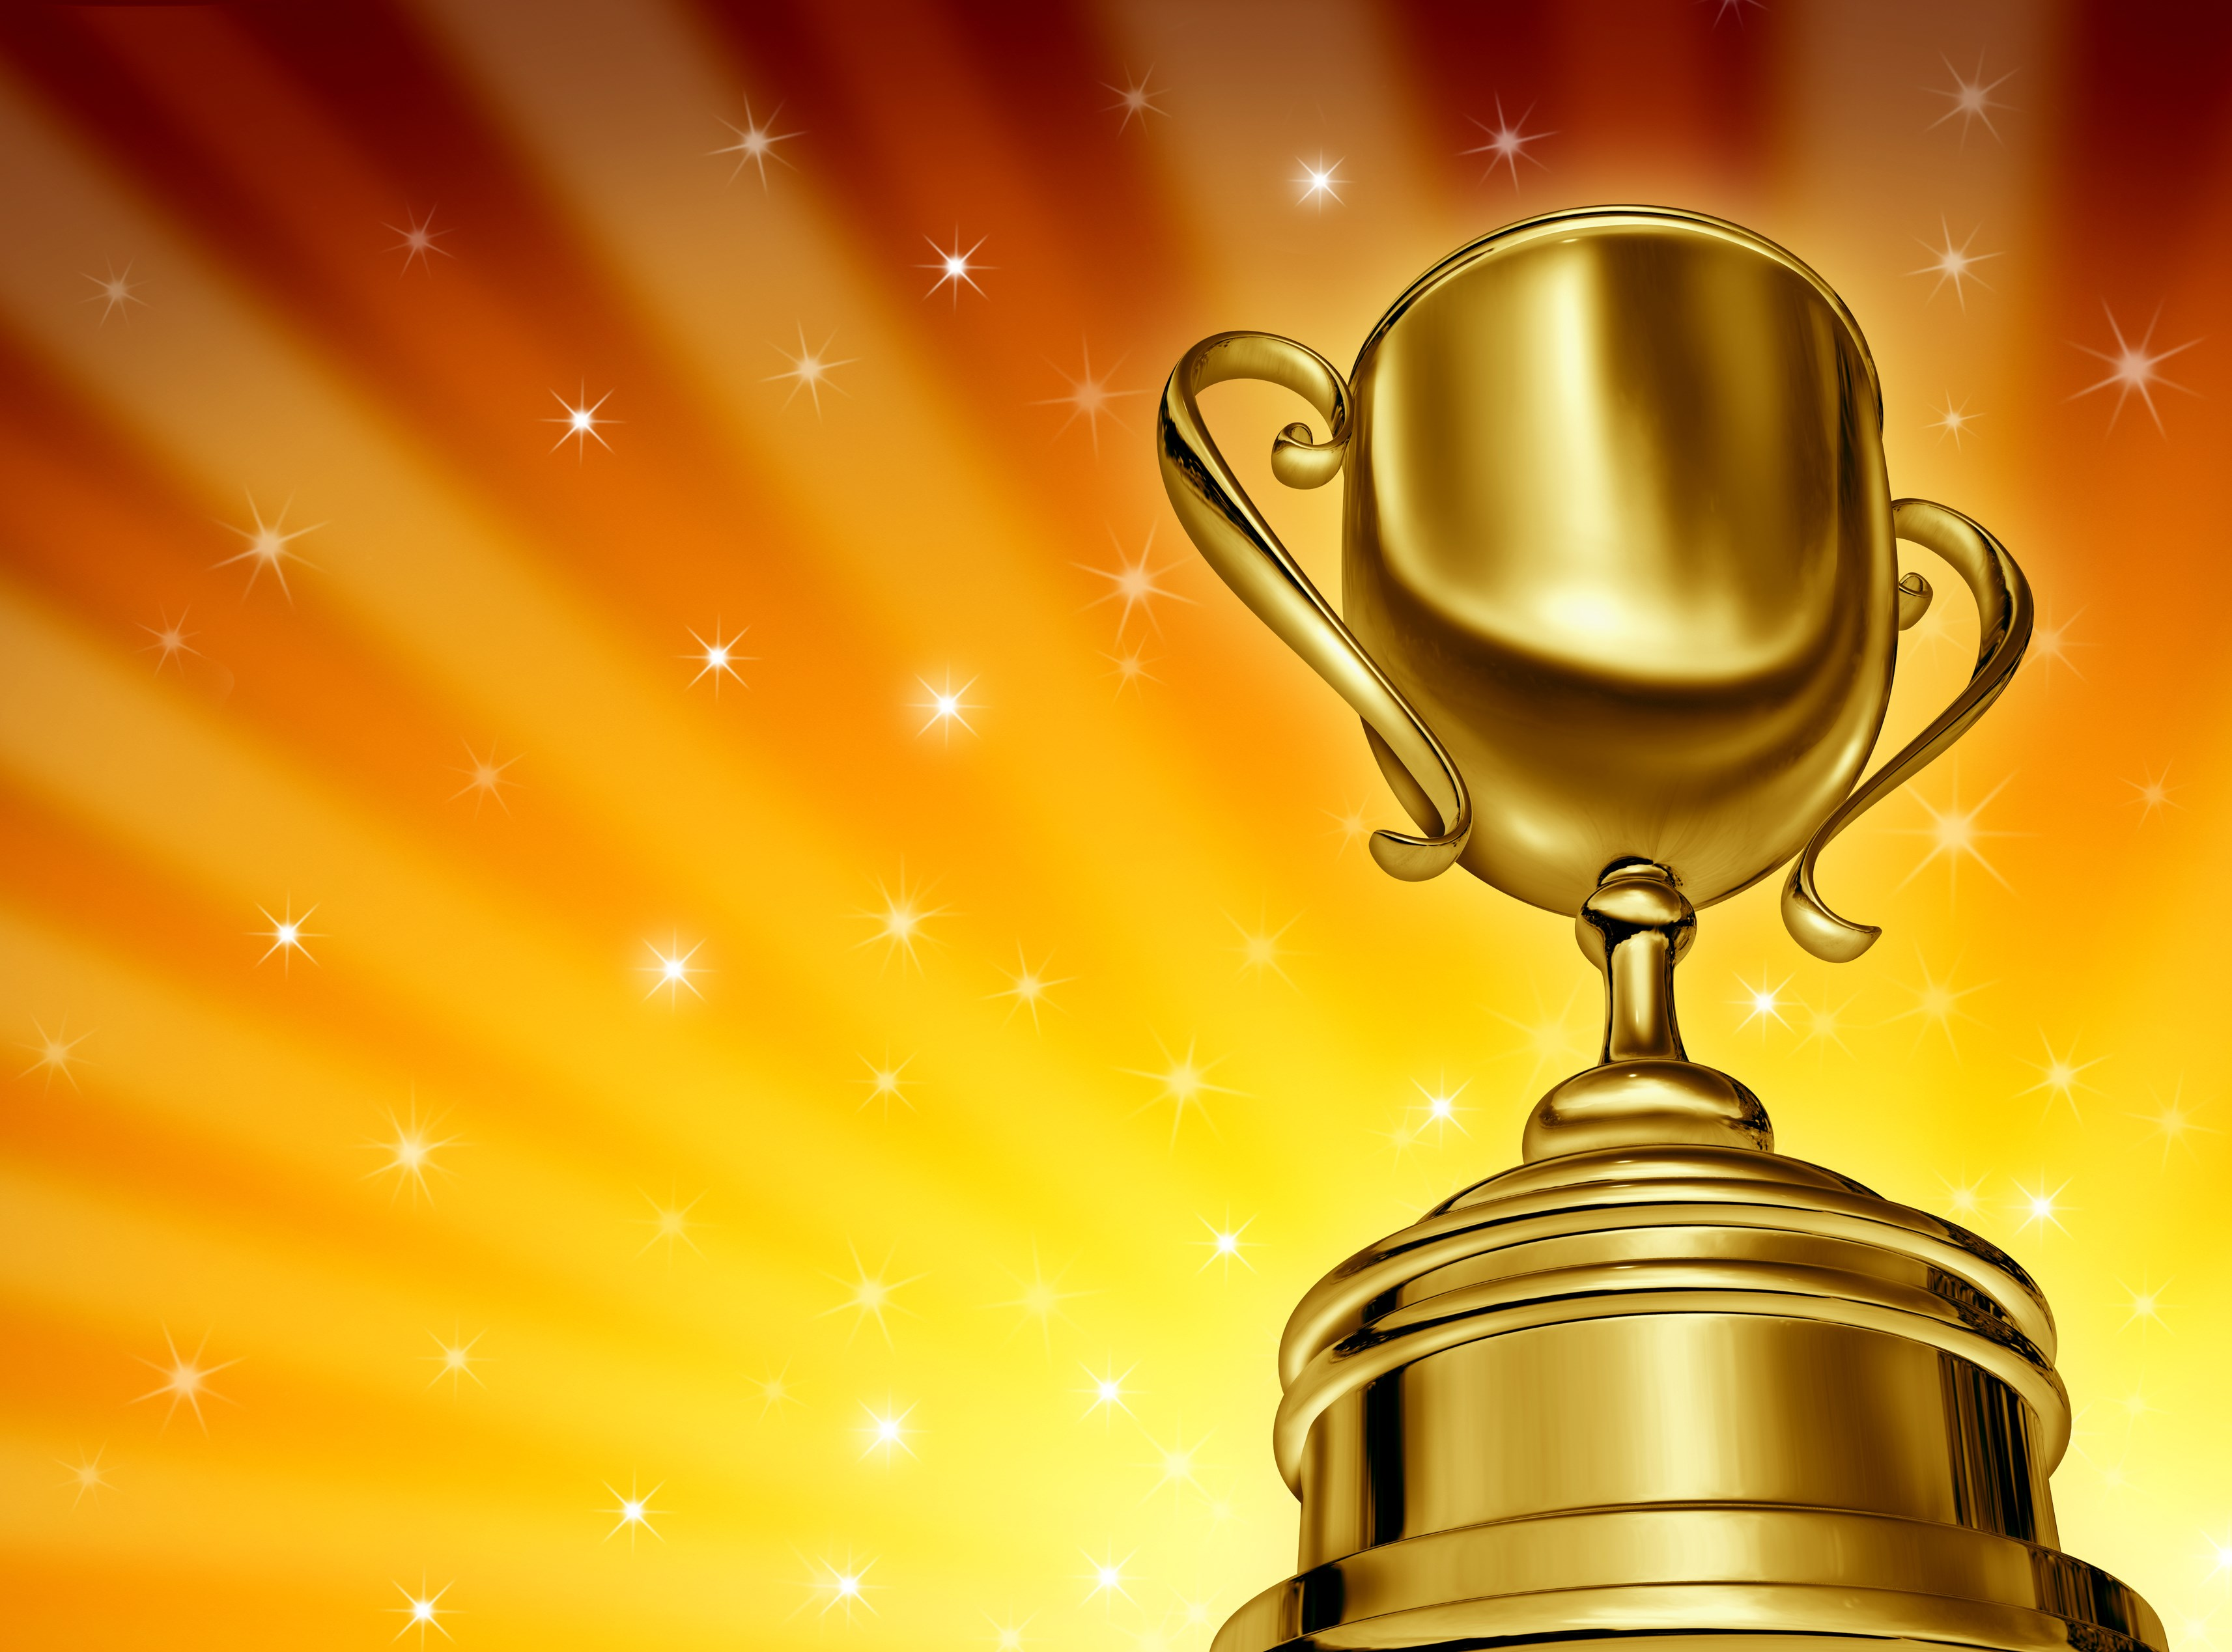 Поздравления спортивными достижениями